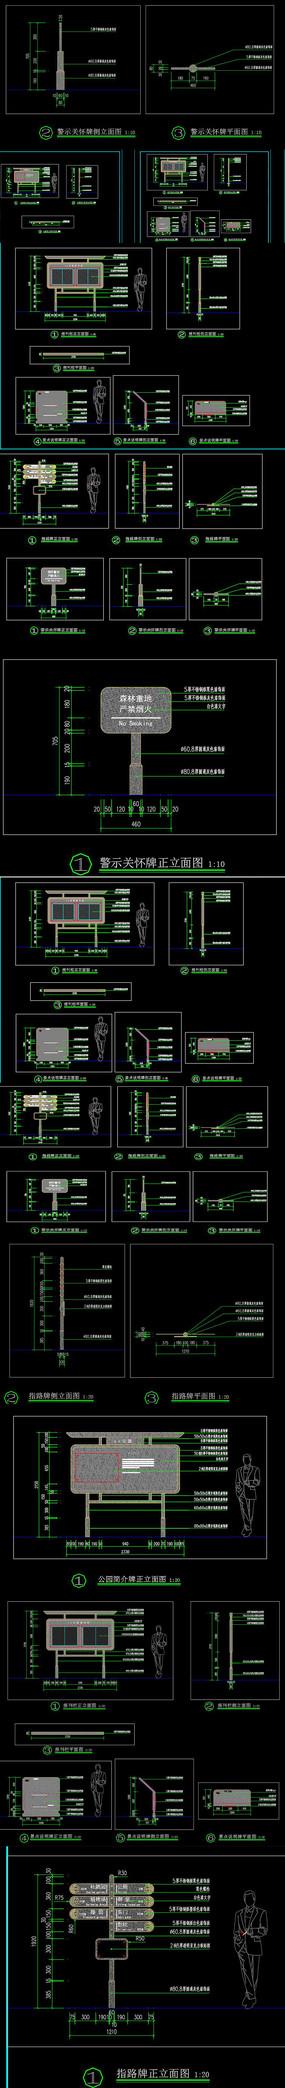 多种路牌标识牌CAD图库